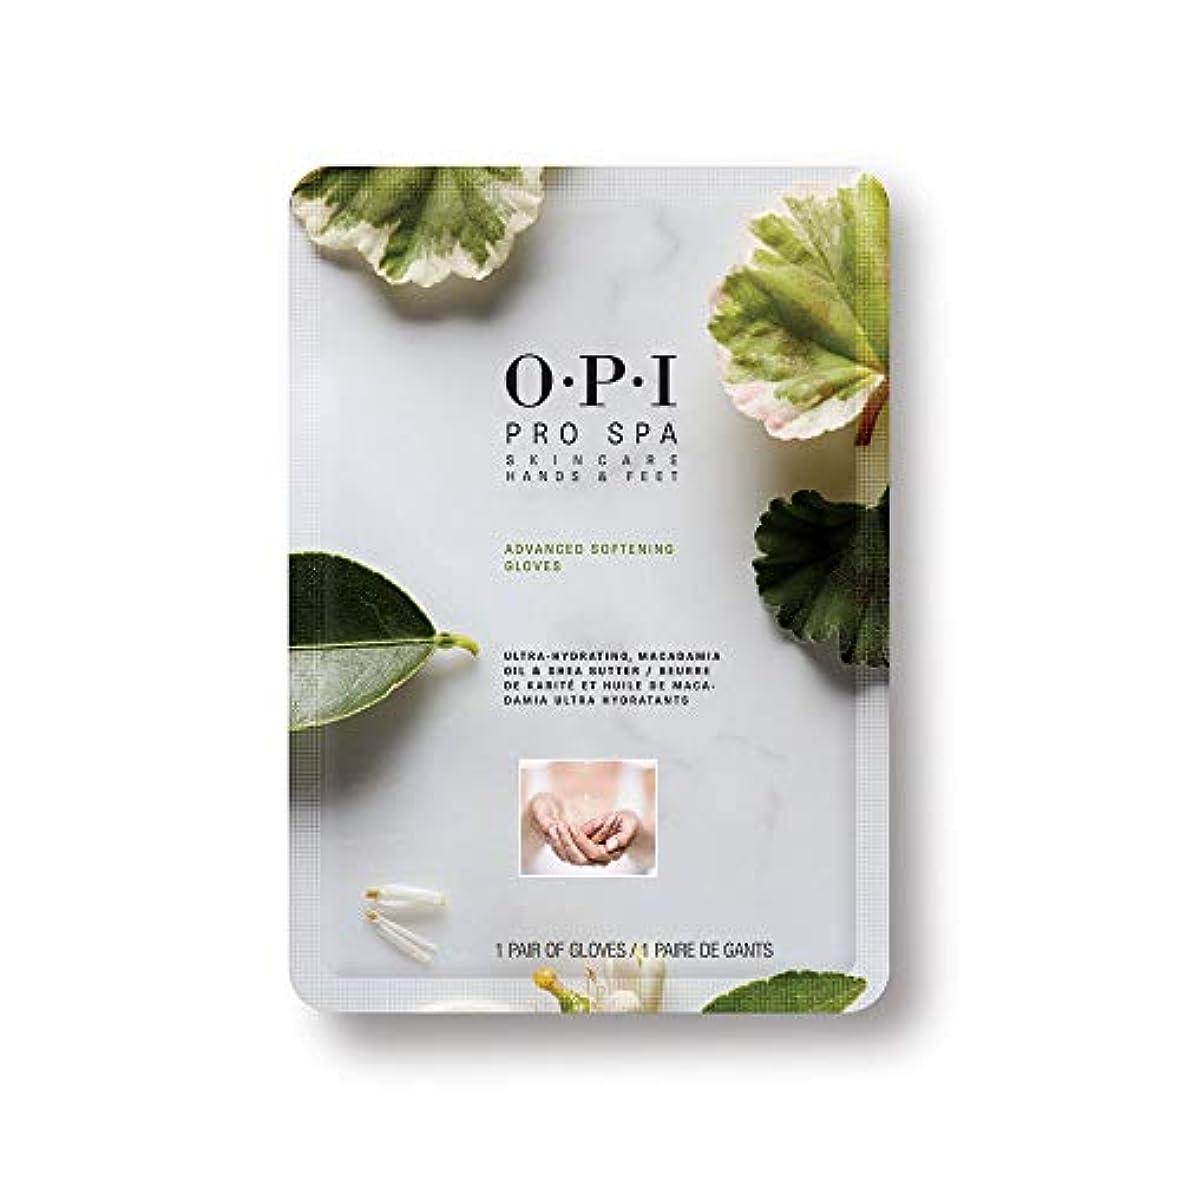 収益最小極小OPI(オーピーアイ) プロスパ アドバンス ソフニング グローブ 美容液 26ml/1パック2枚入